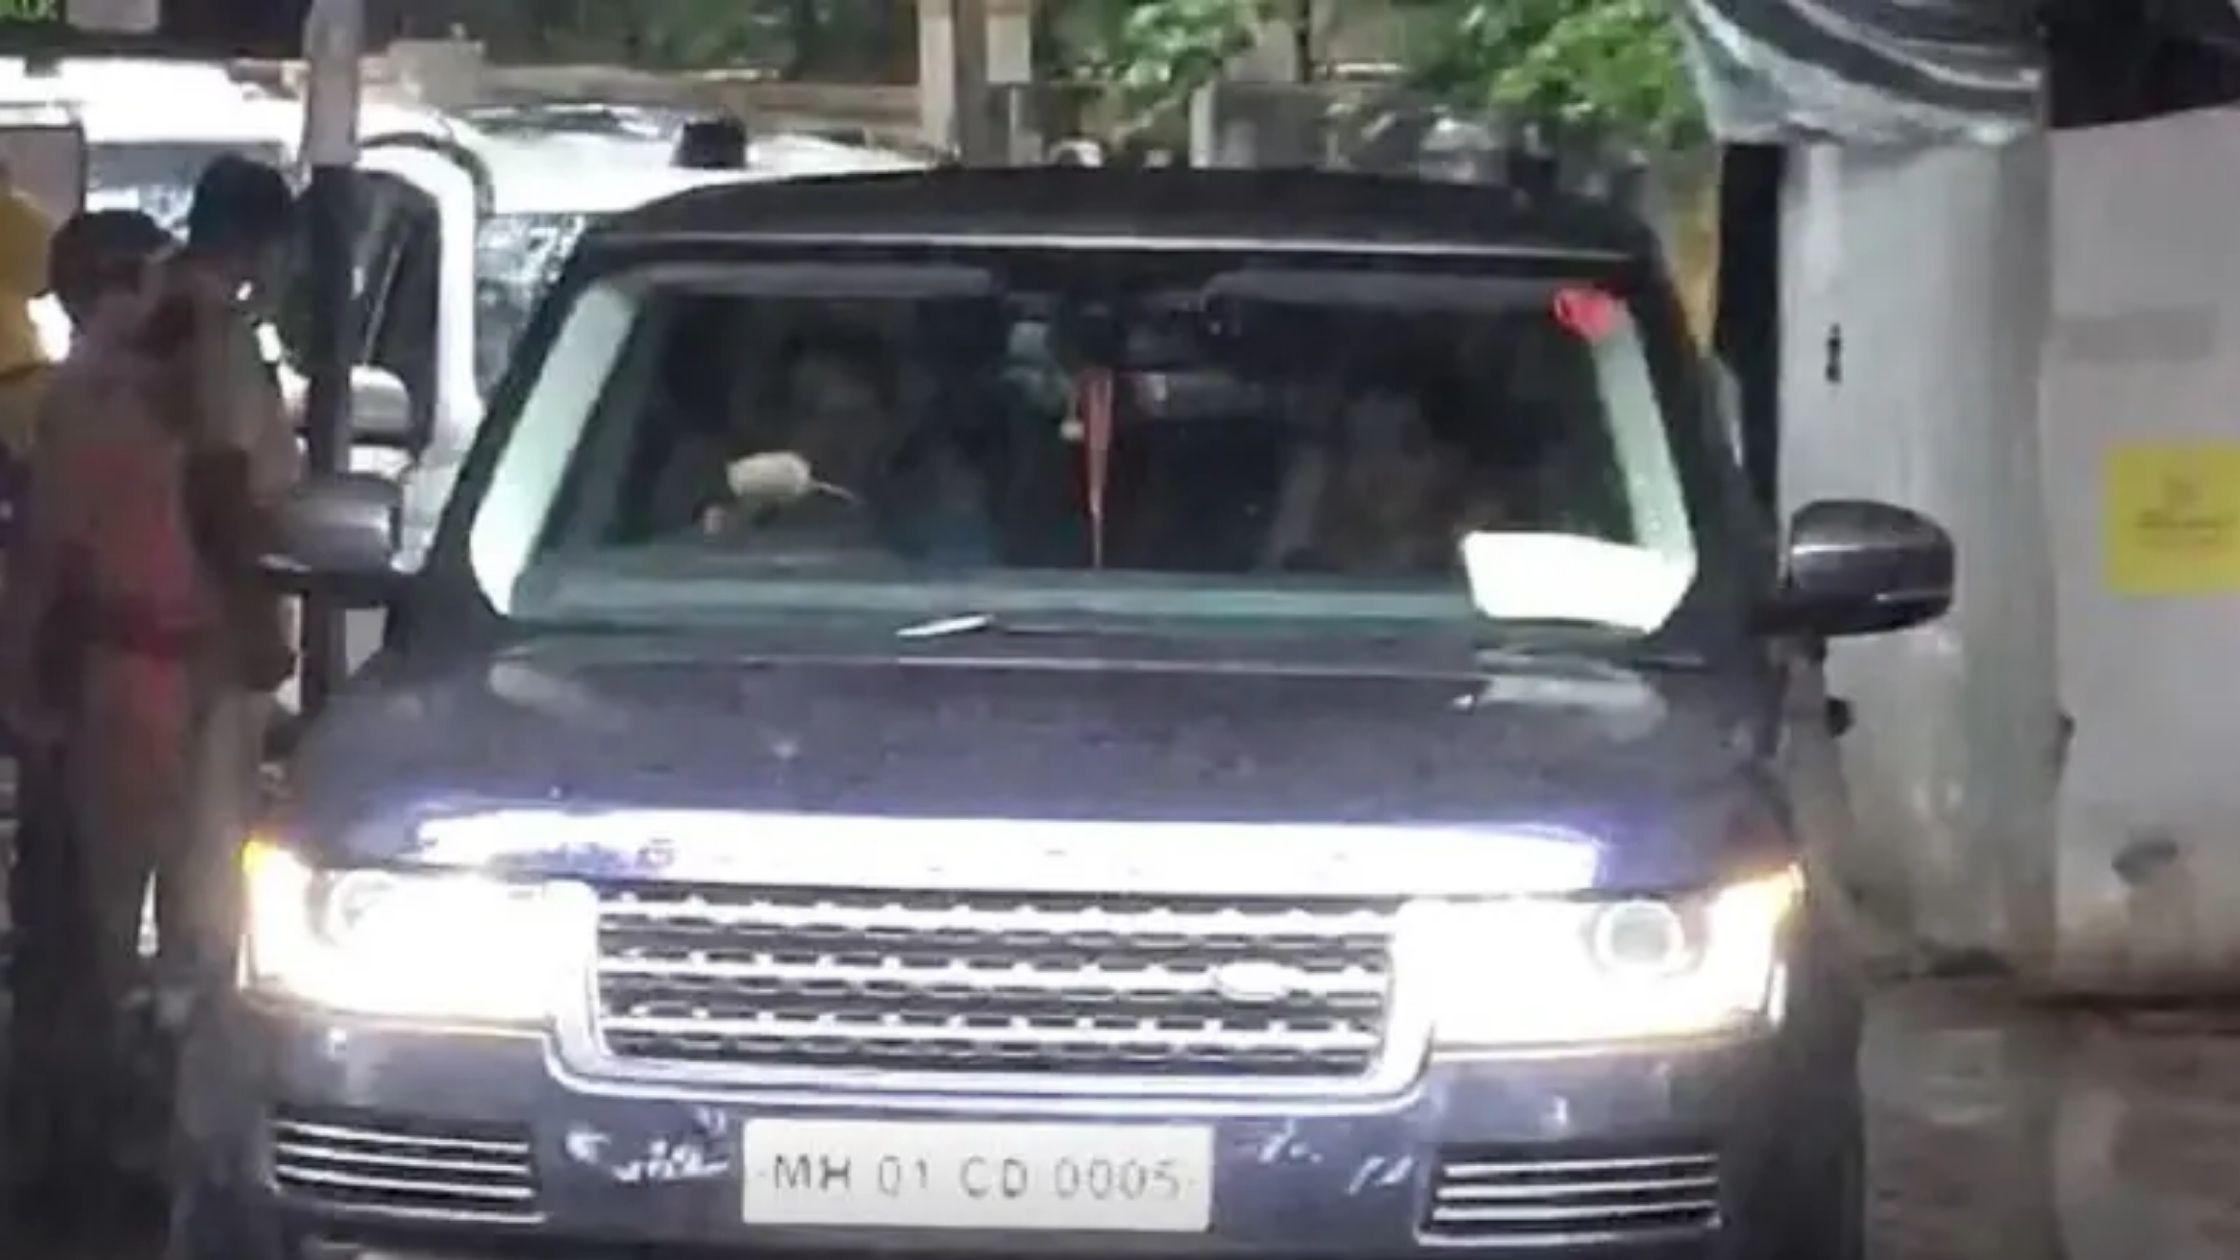 उभ्या पावसात स्वत: ड्रायव्हिंग करत, मुख्यमंत्री उद्धव ठाकरे सपत्नीक मुंबईहून पंढरपूरकडे रवाना